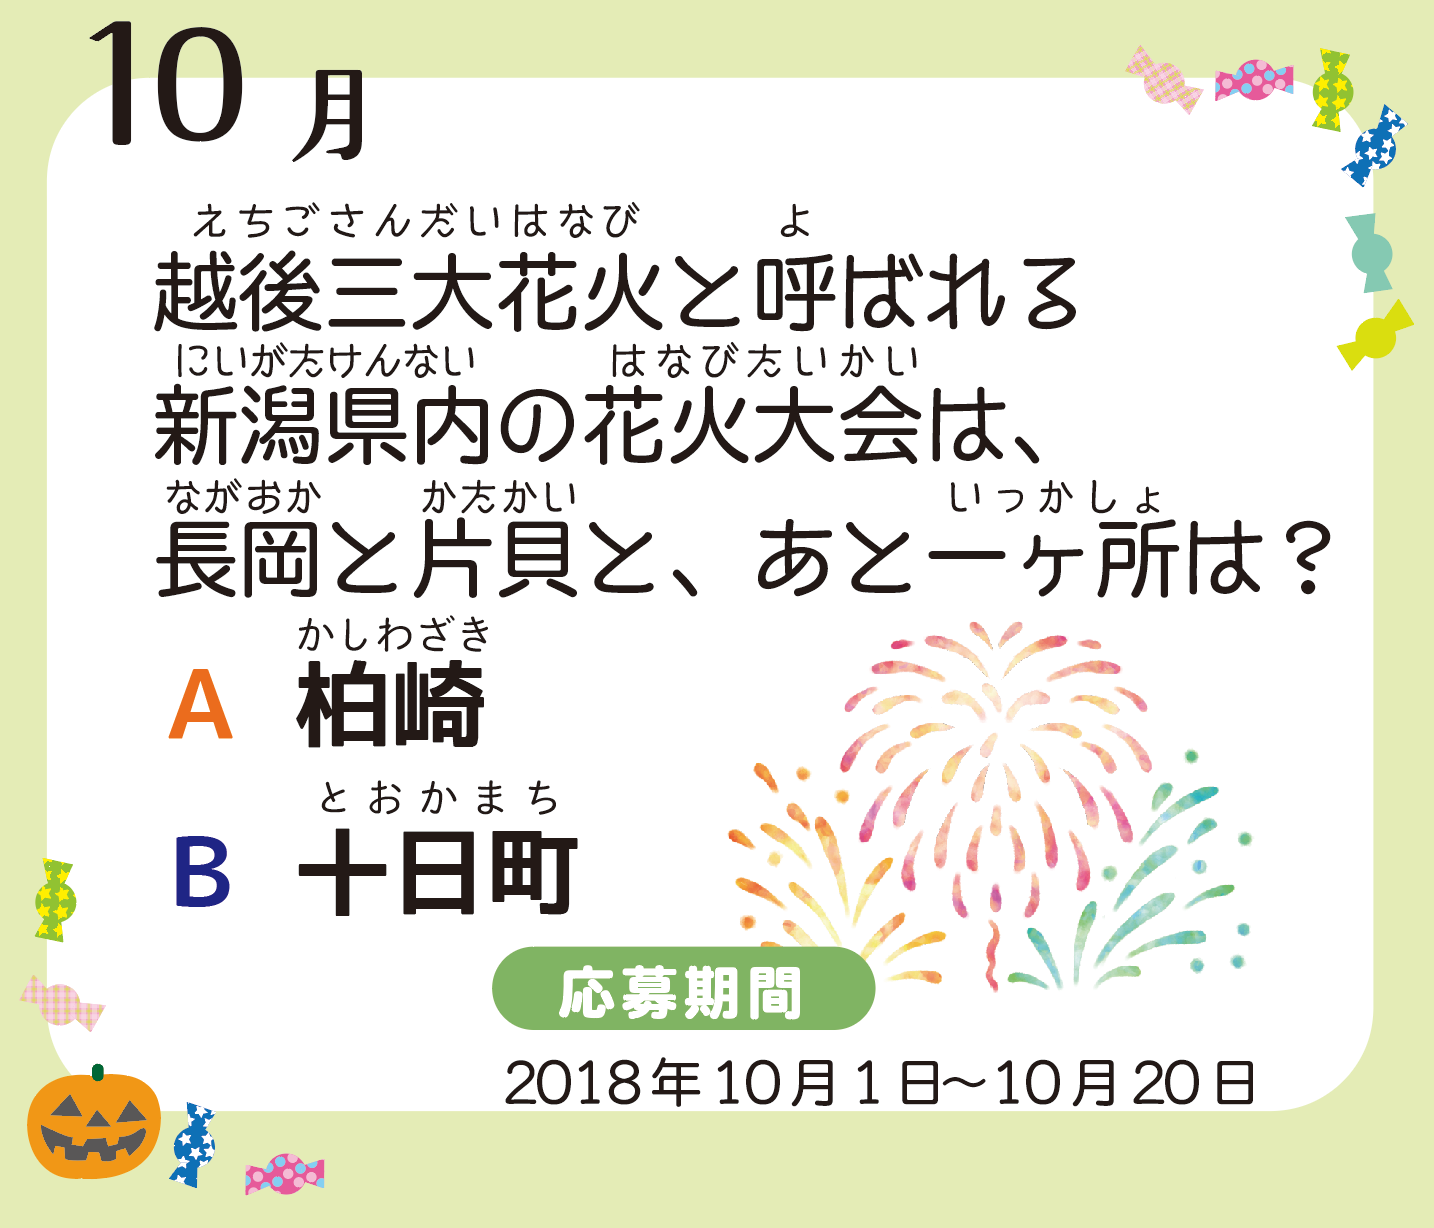 スクリーンショット 2018-10-22 17.05.36